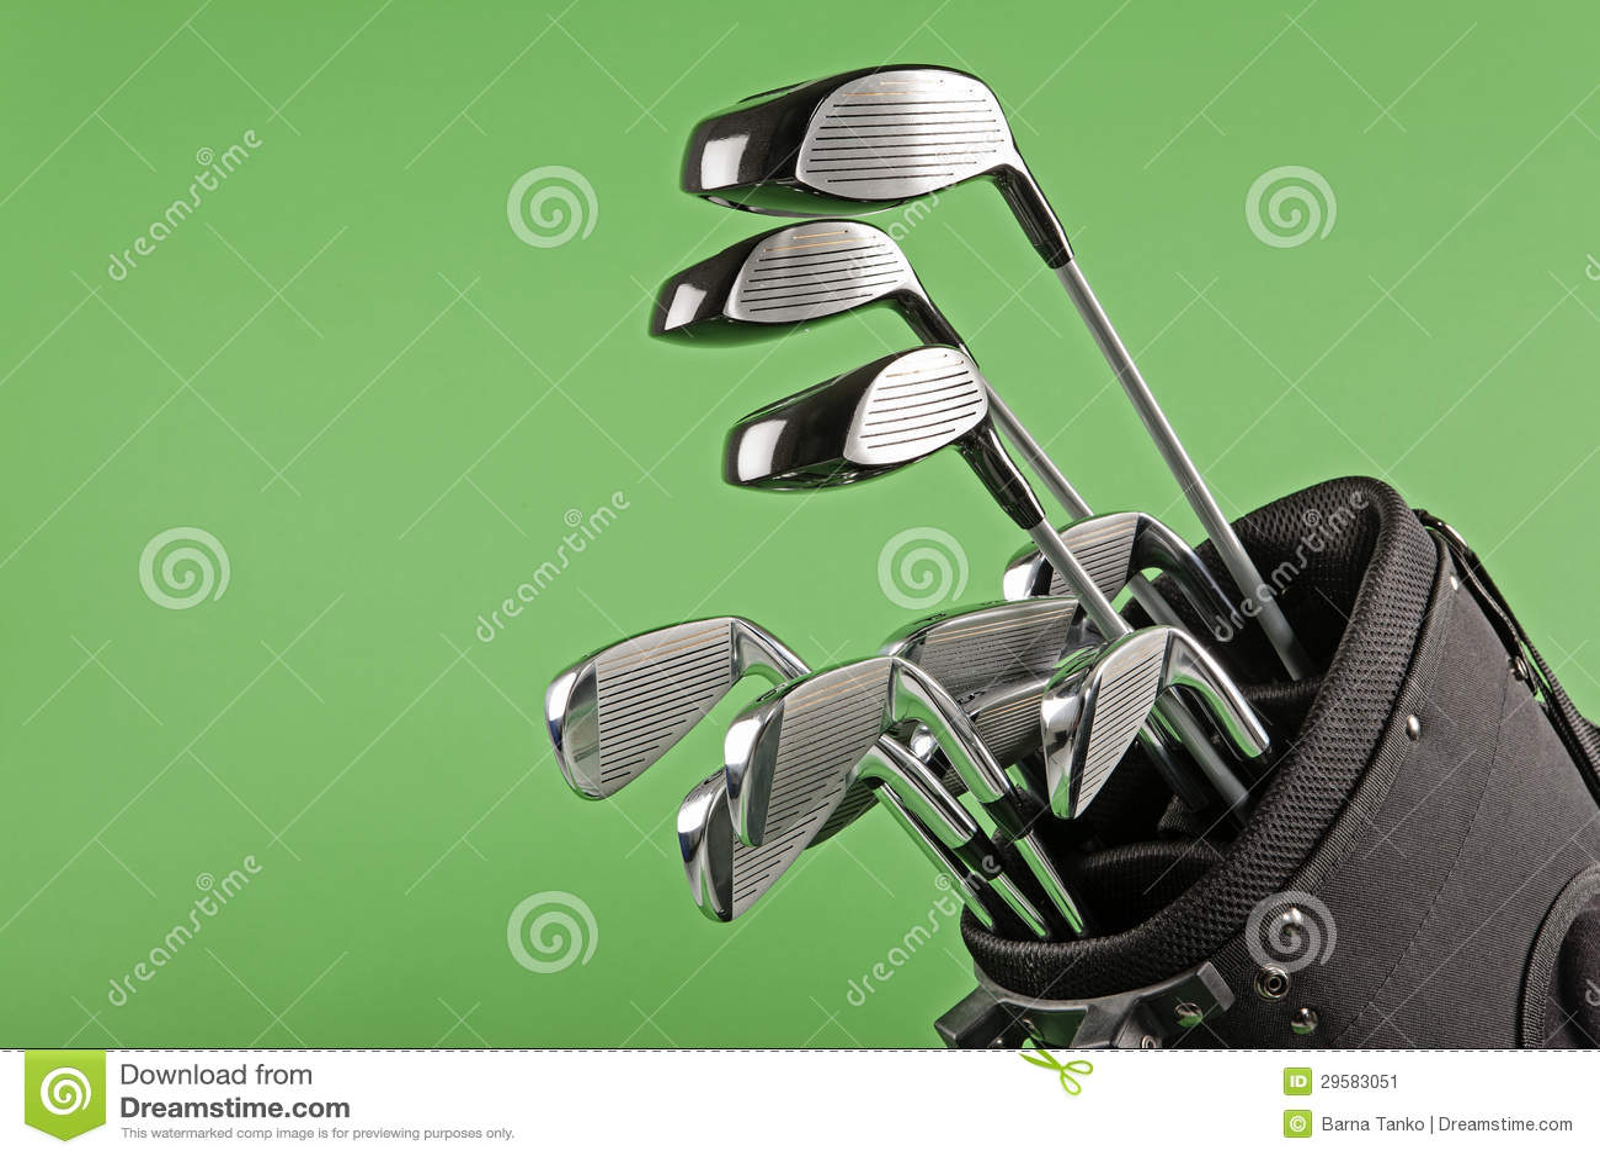 Club di golf impostato su verde di intensità